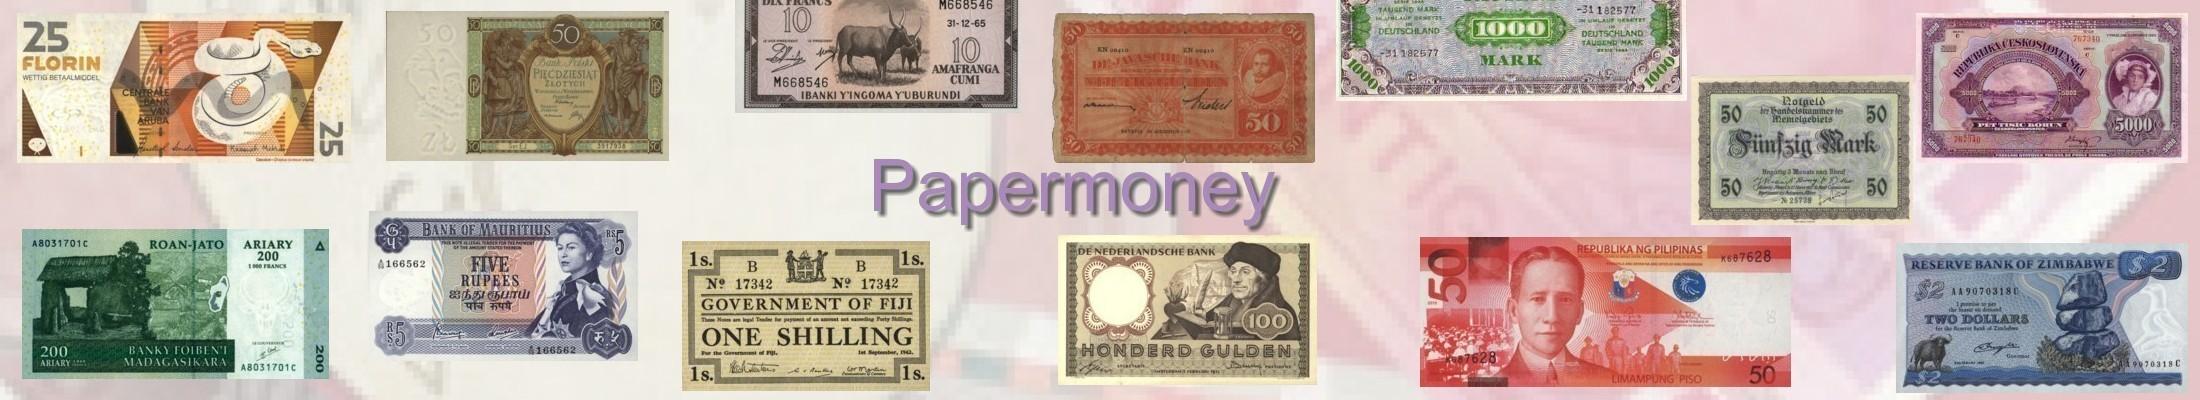 Papermoney